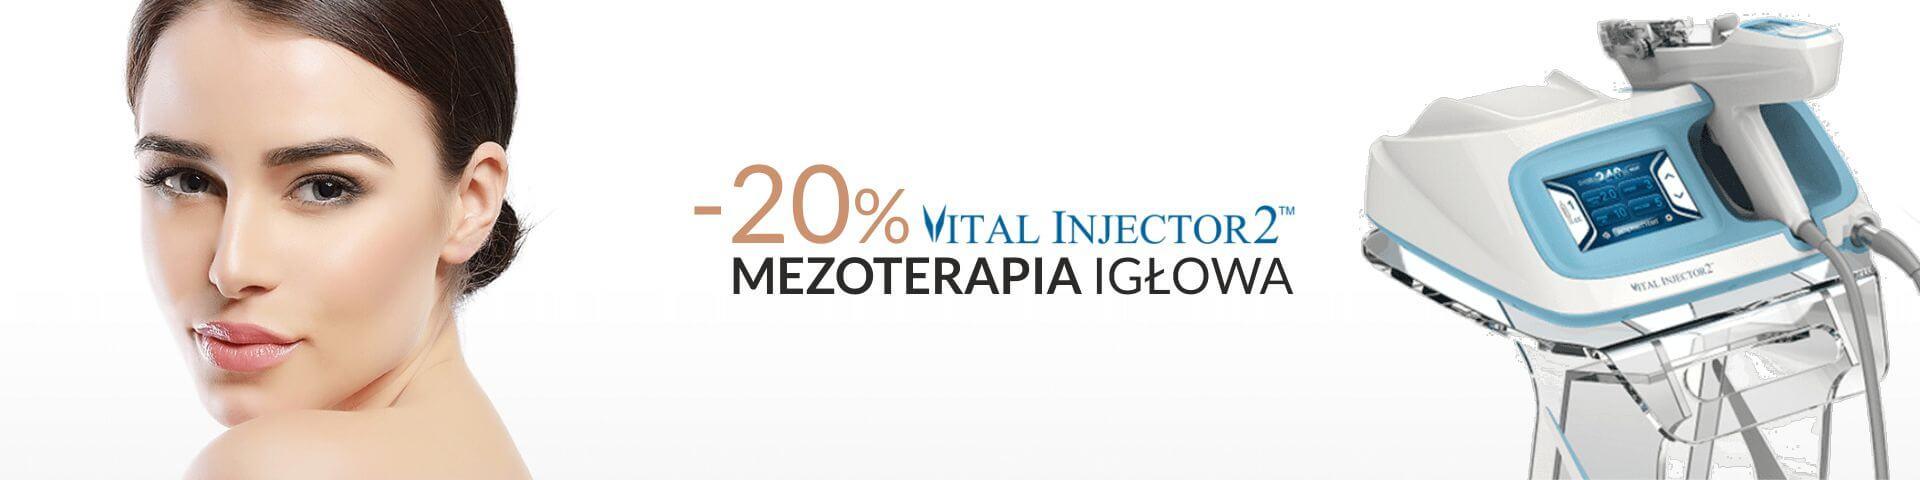 Mezoterapia Igłowa - promocja